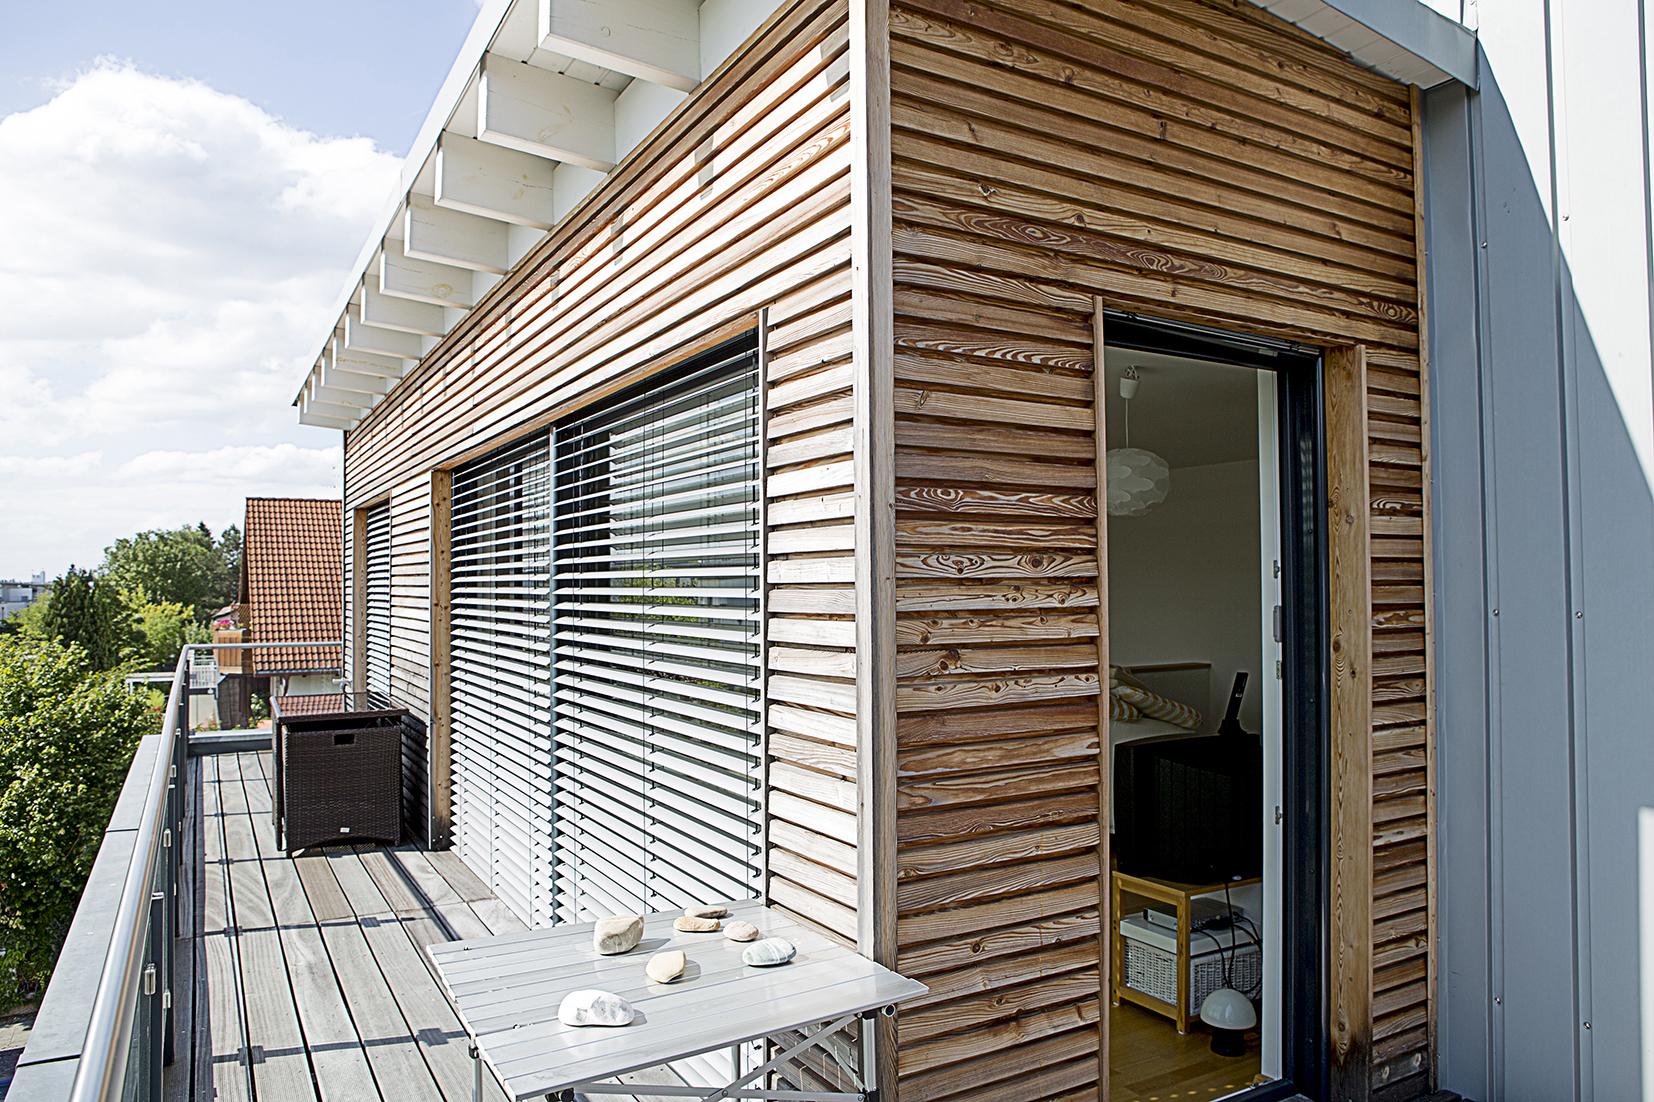 Moderne Holzvertäfelung im Balkonbereich | FischerHaus: Fertighäuser ...